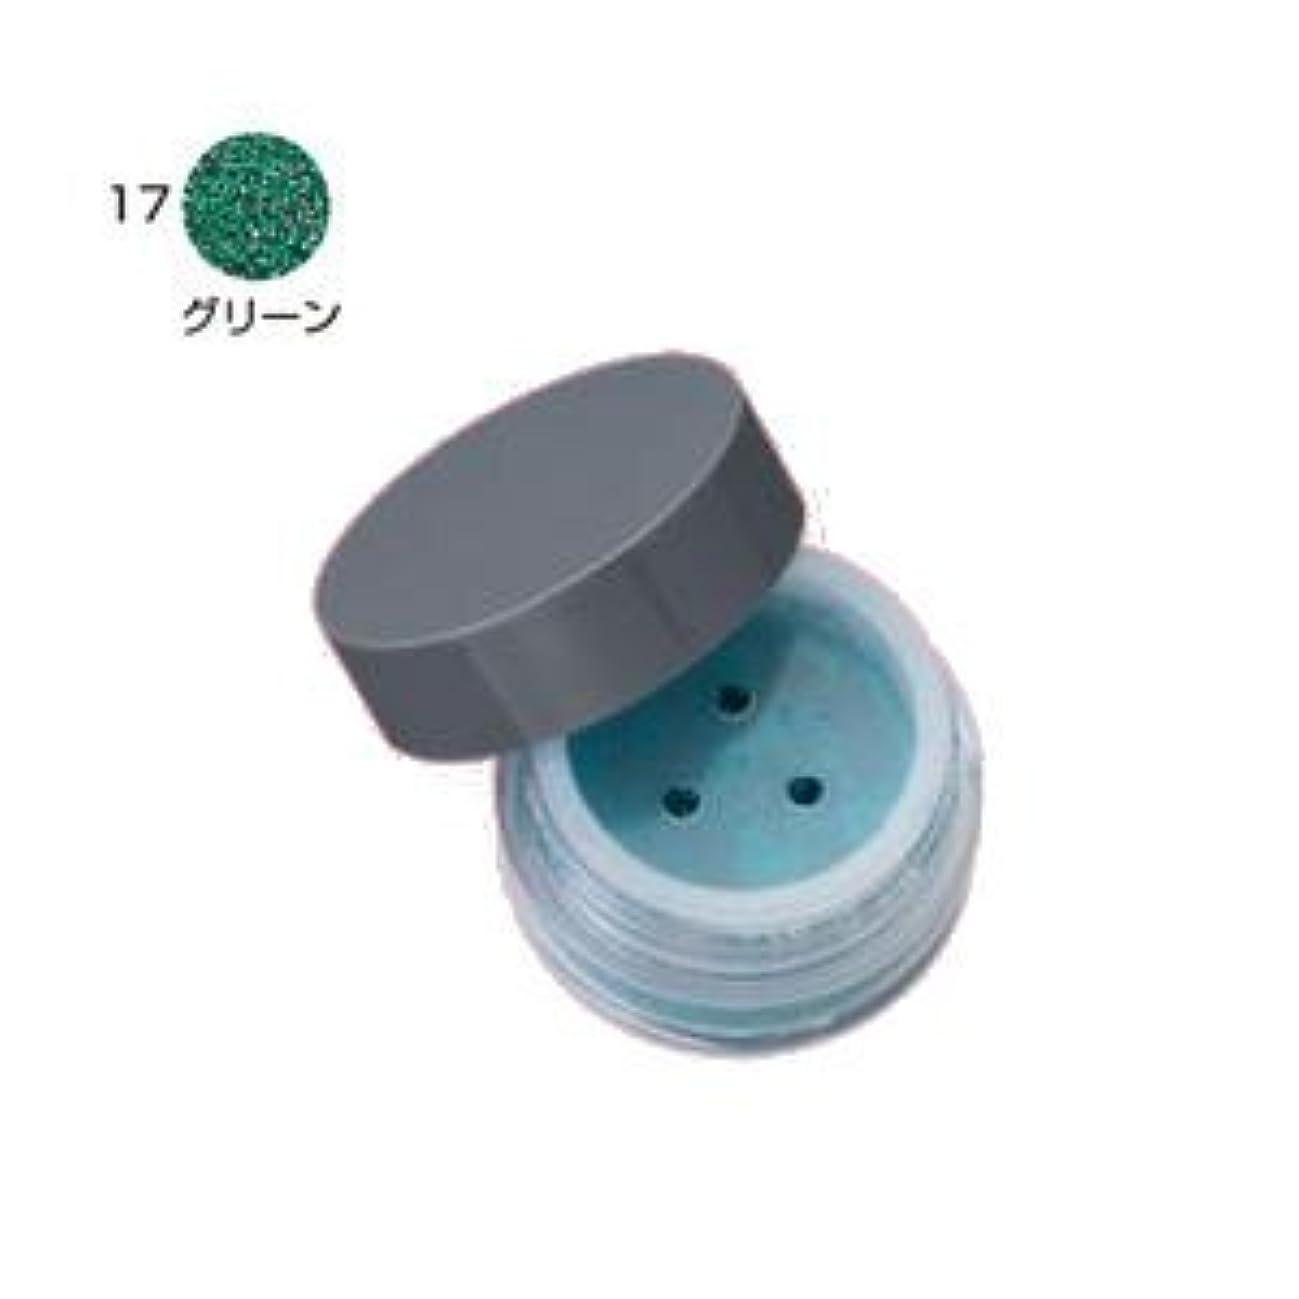 熟考する強大な折る三善 ミツヨシ カラープリズム 17 グリーン